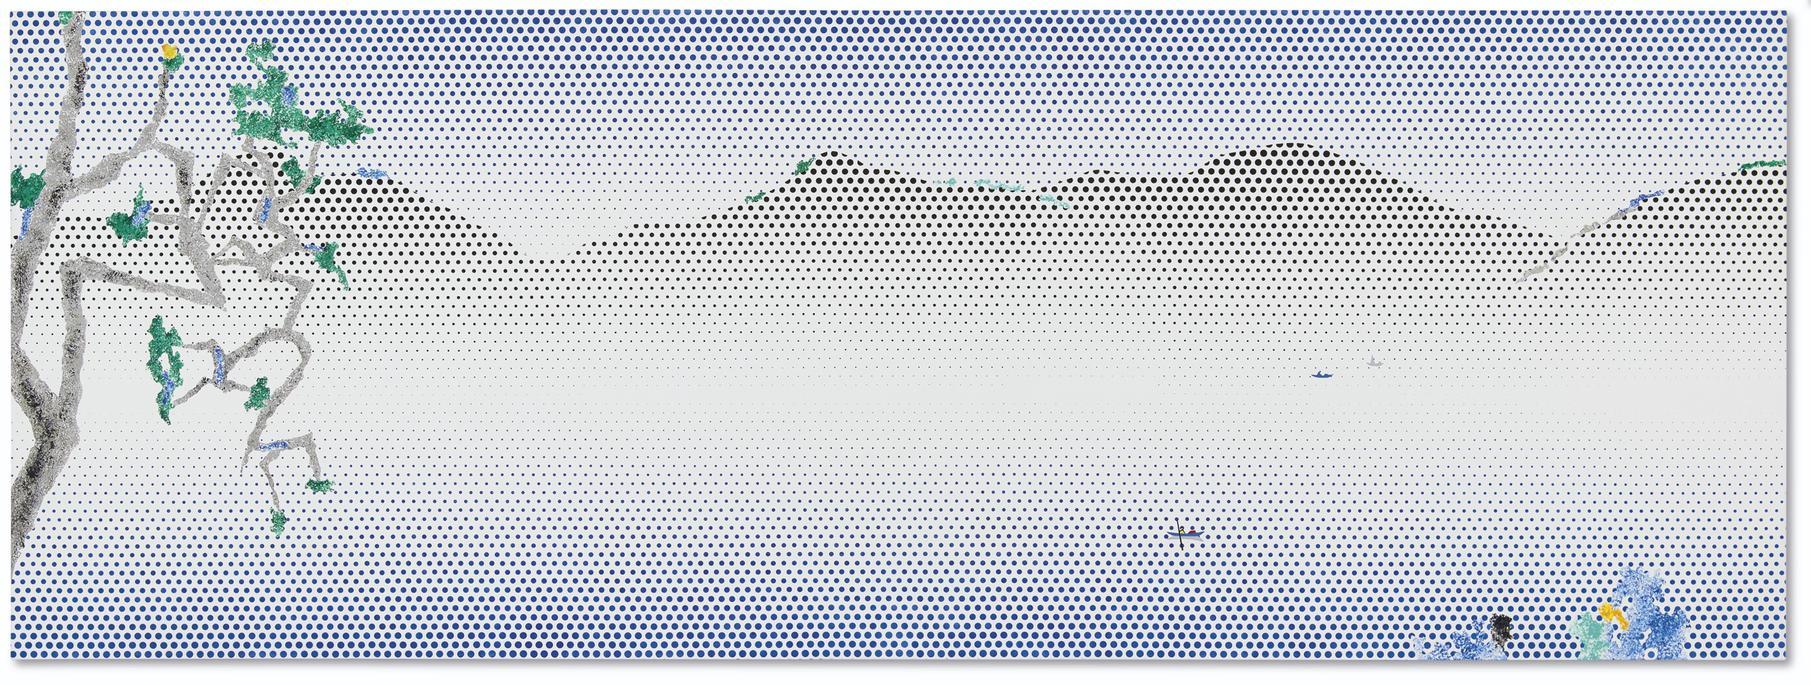 Roy Lichtenstein-Landscape With Boats-1996